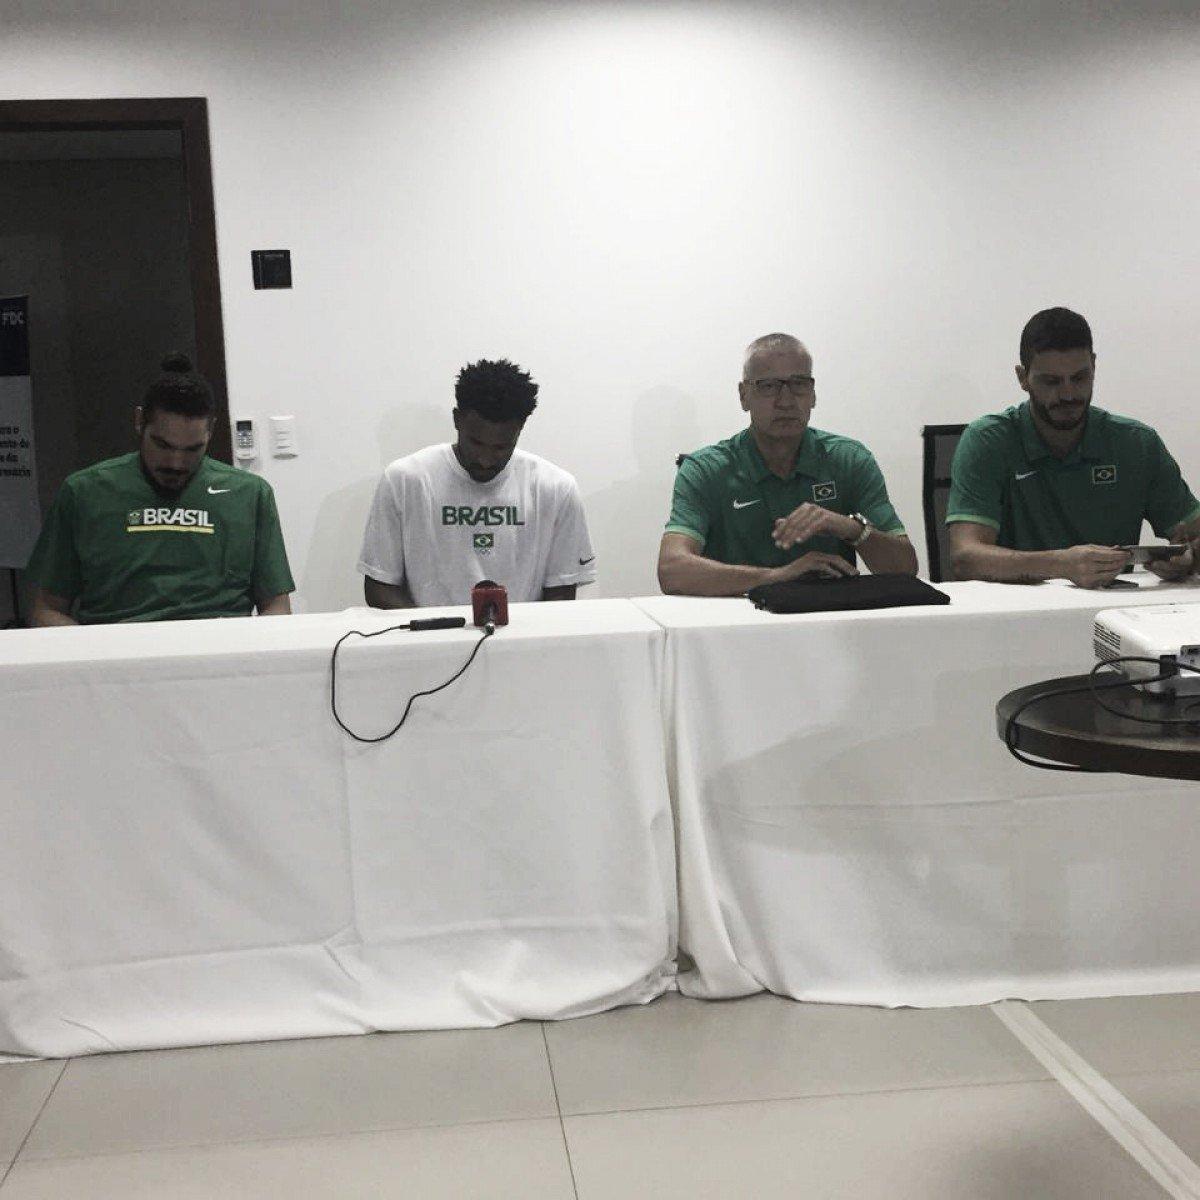 Em Goiânia, Brasil derrota a Colômbia